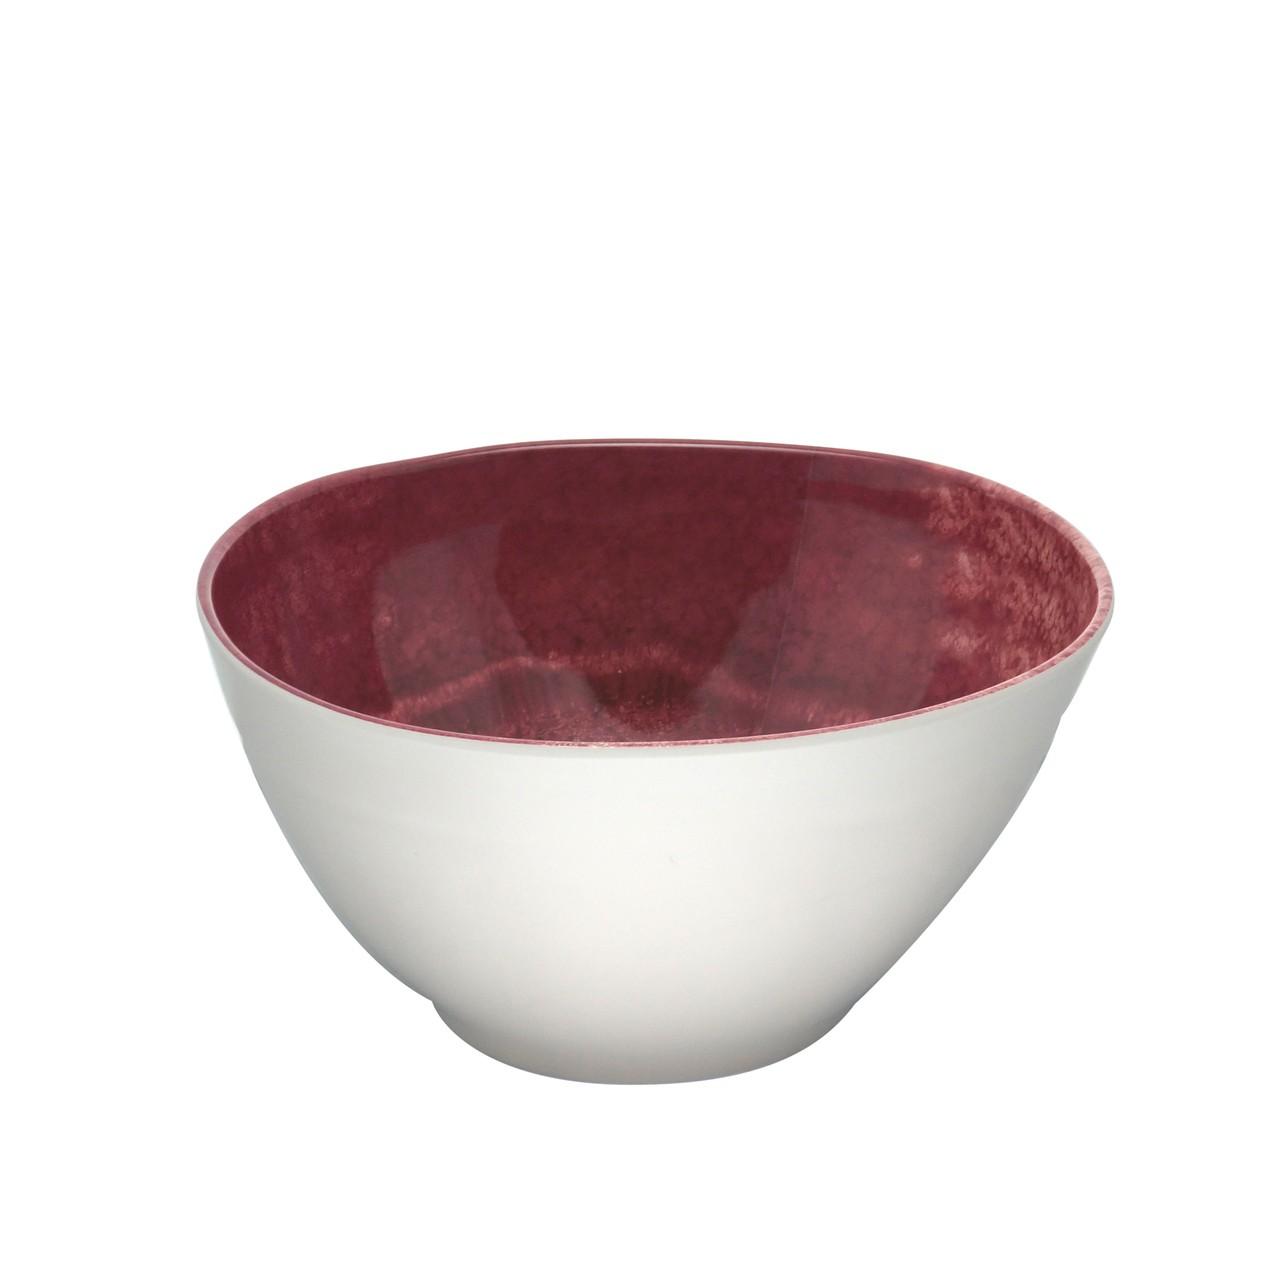 Saladeira Melamina Aqua - Vermelha 25 cm